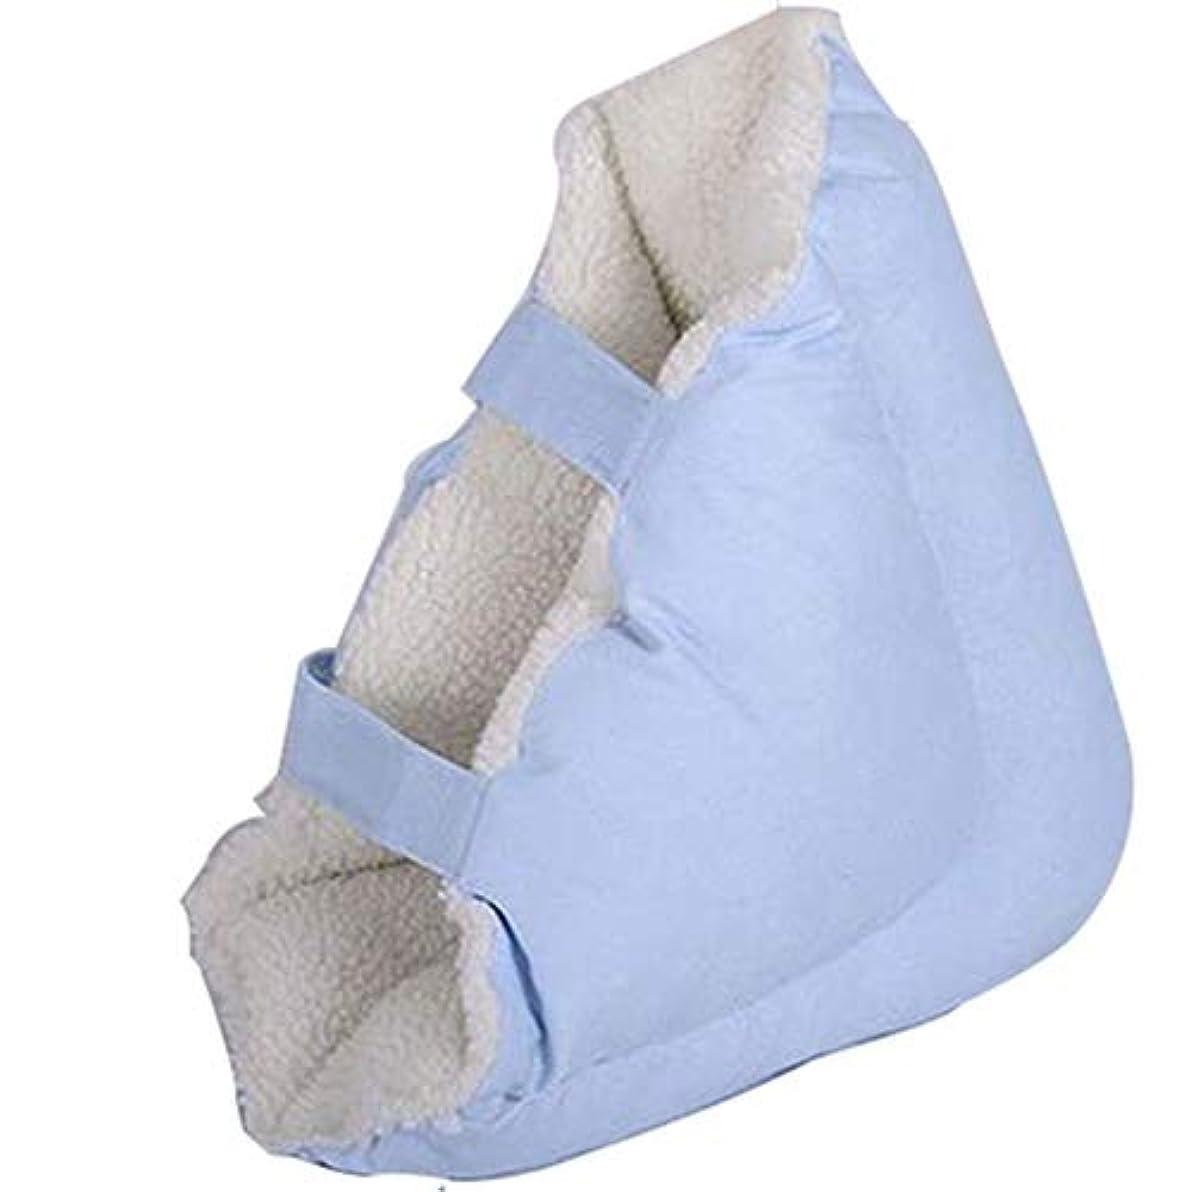 五月再現する押すヒールクッションプロテクター、足枕かかとパッド保護パッド-抗ニキビ抗菌布枕、1ペア床ずれ防止 かかとあて